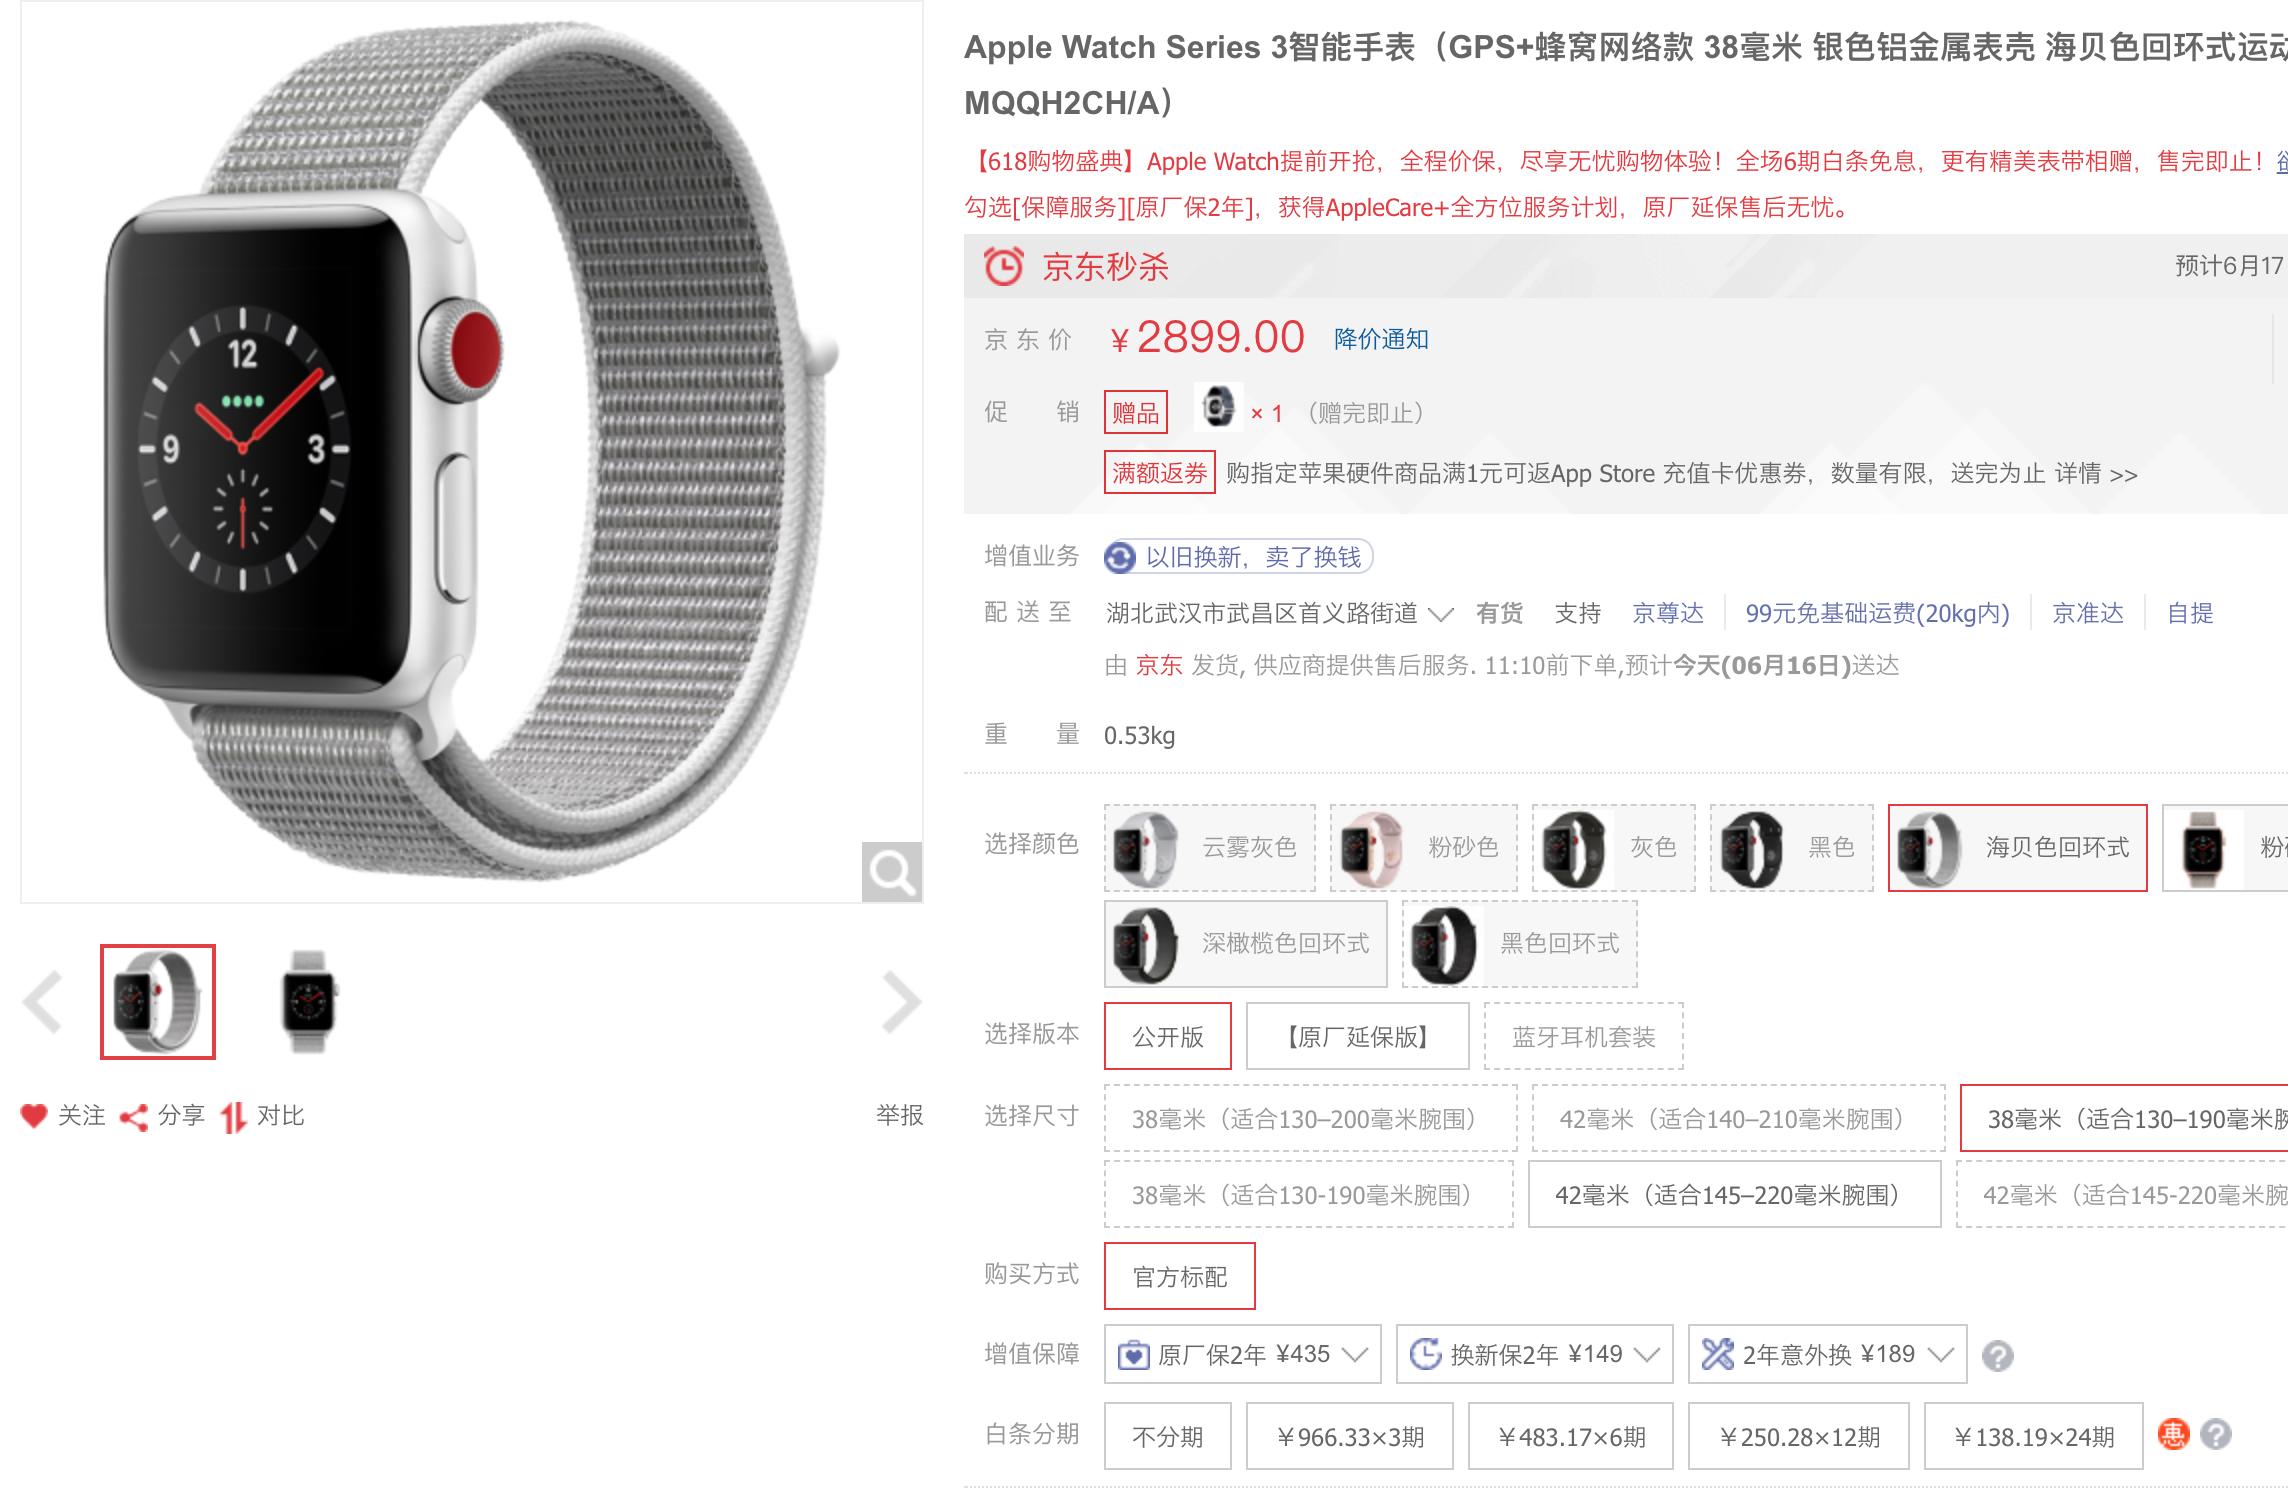 Apple Watch Series 3智能手表 ---- 京东2899.00 赶紧打了个白条分期,还免息。。